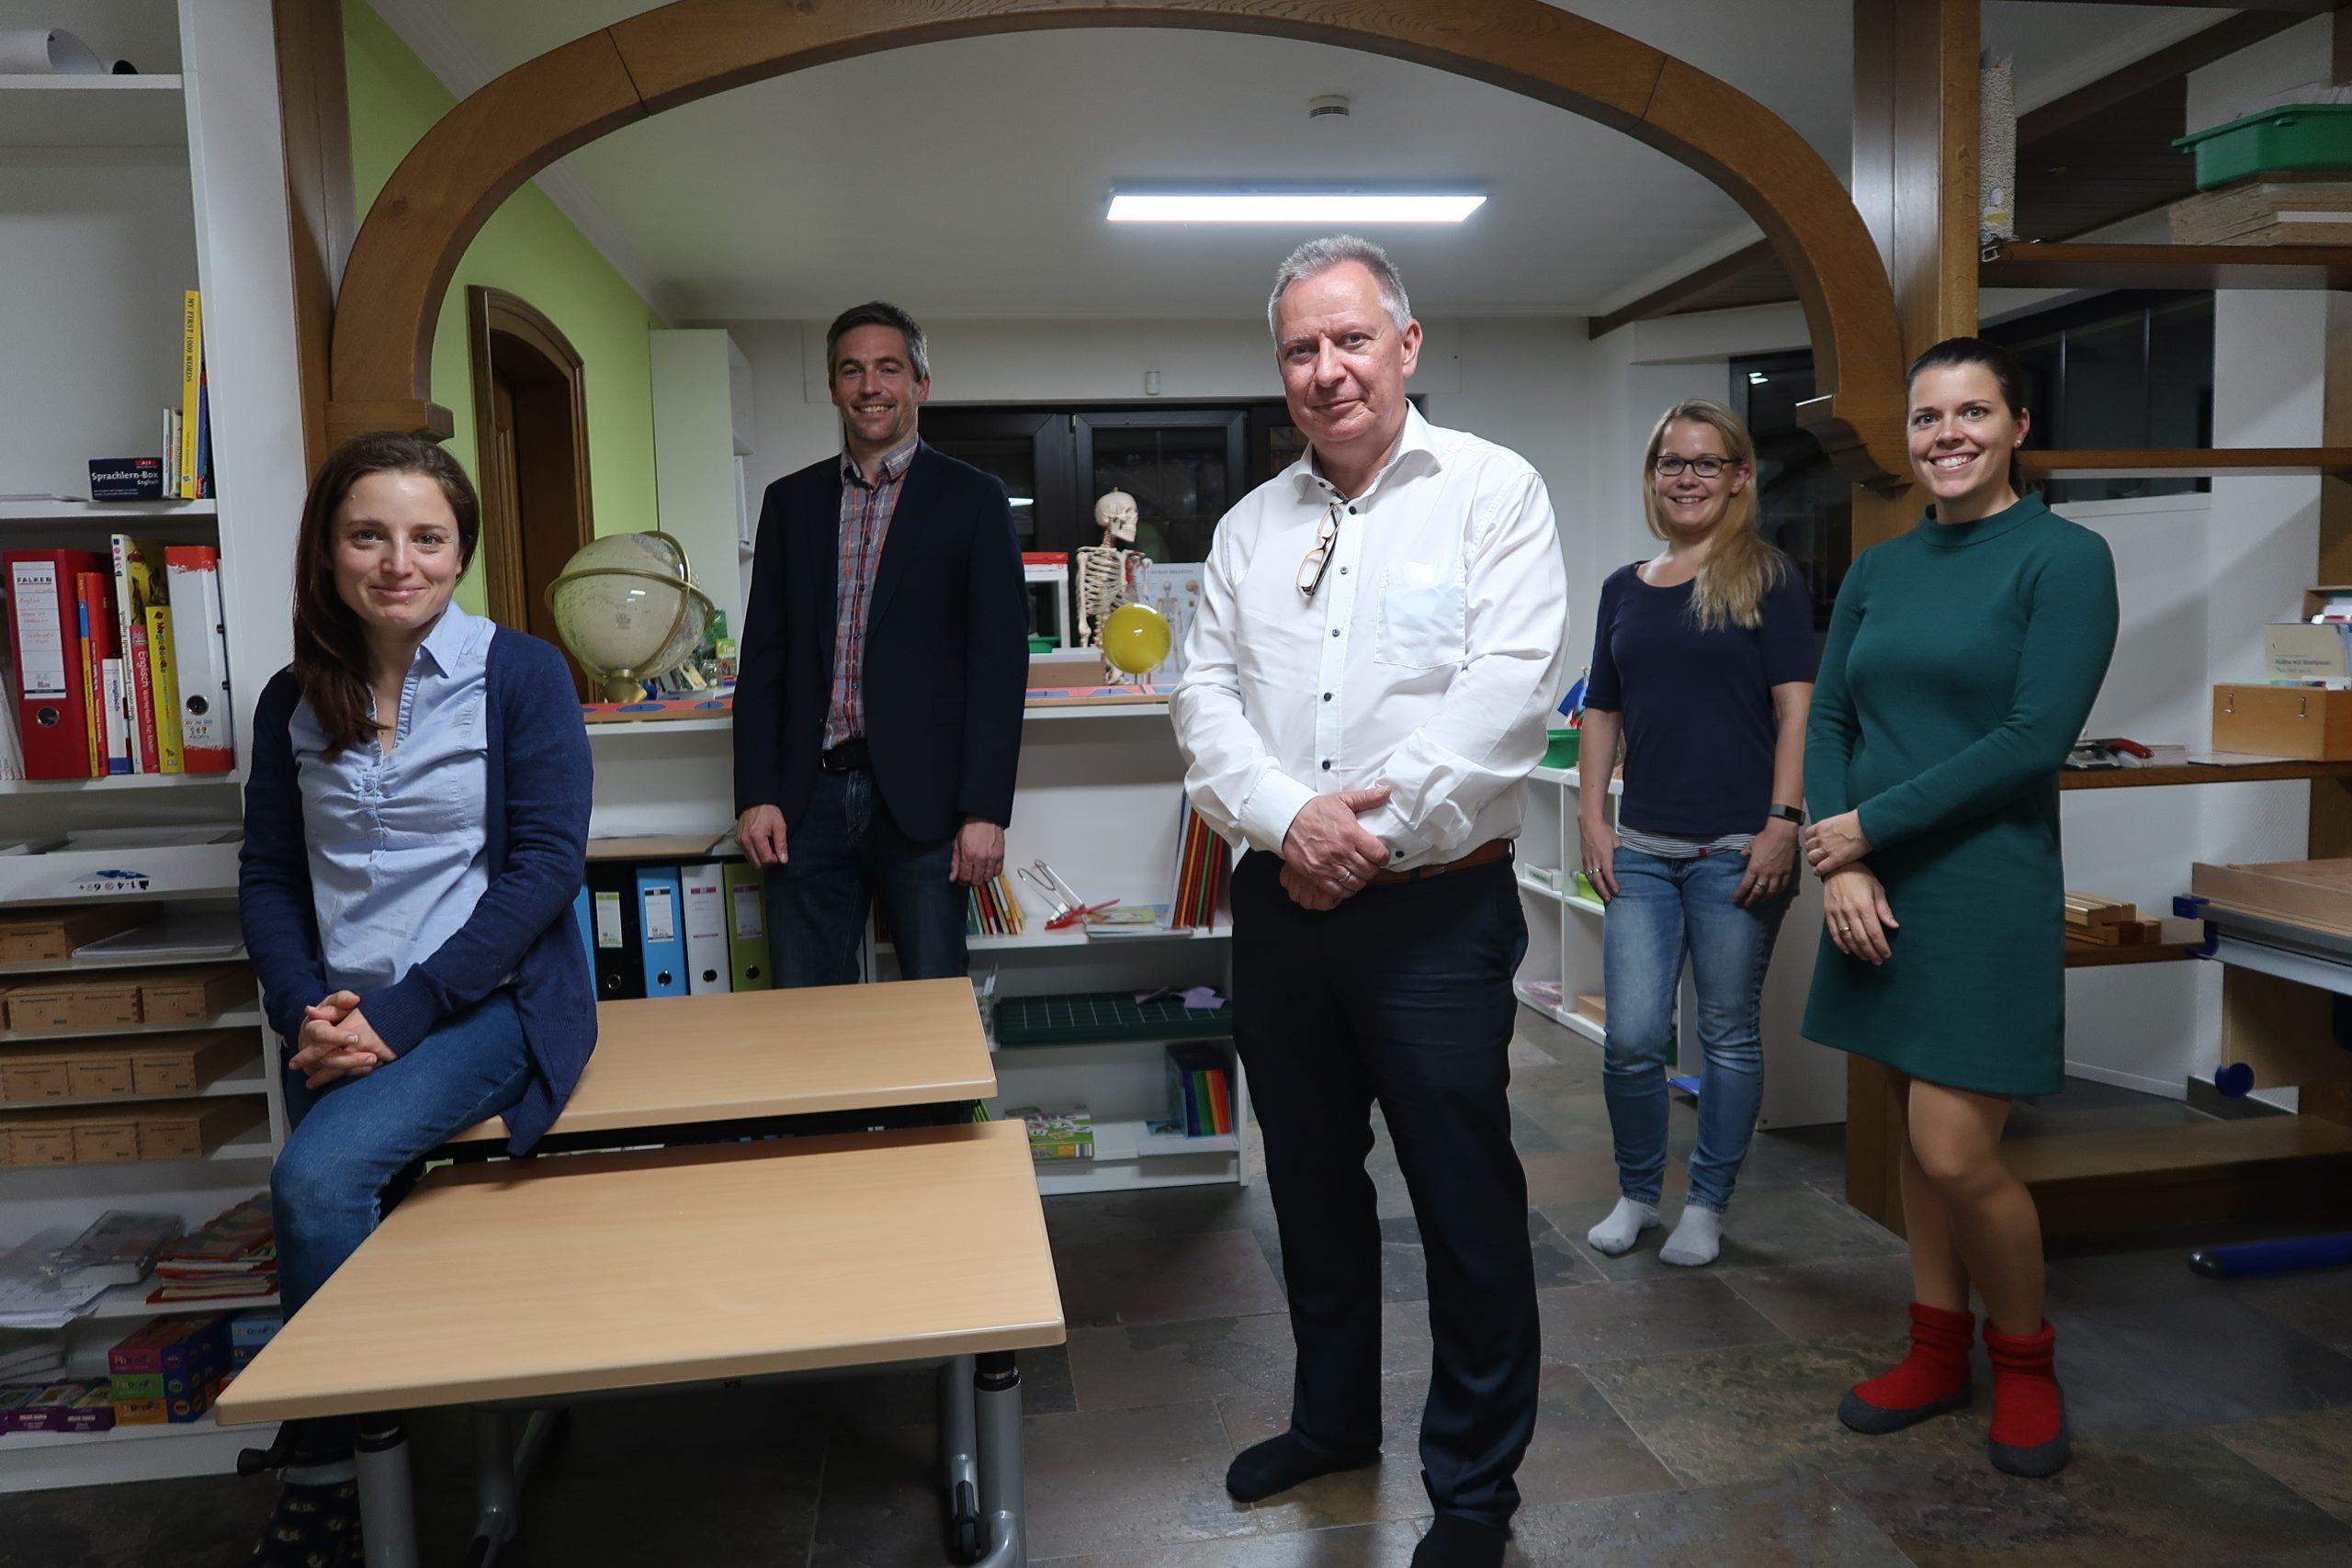 Foto (v.l.n.r.): Jacqueline Kühn, Markus Salden, Stephan Pusch, Maria Heintz, Katrin Salden